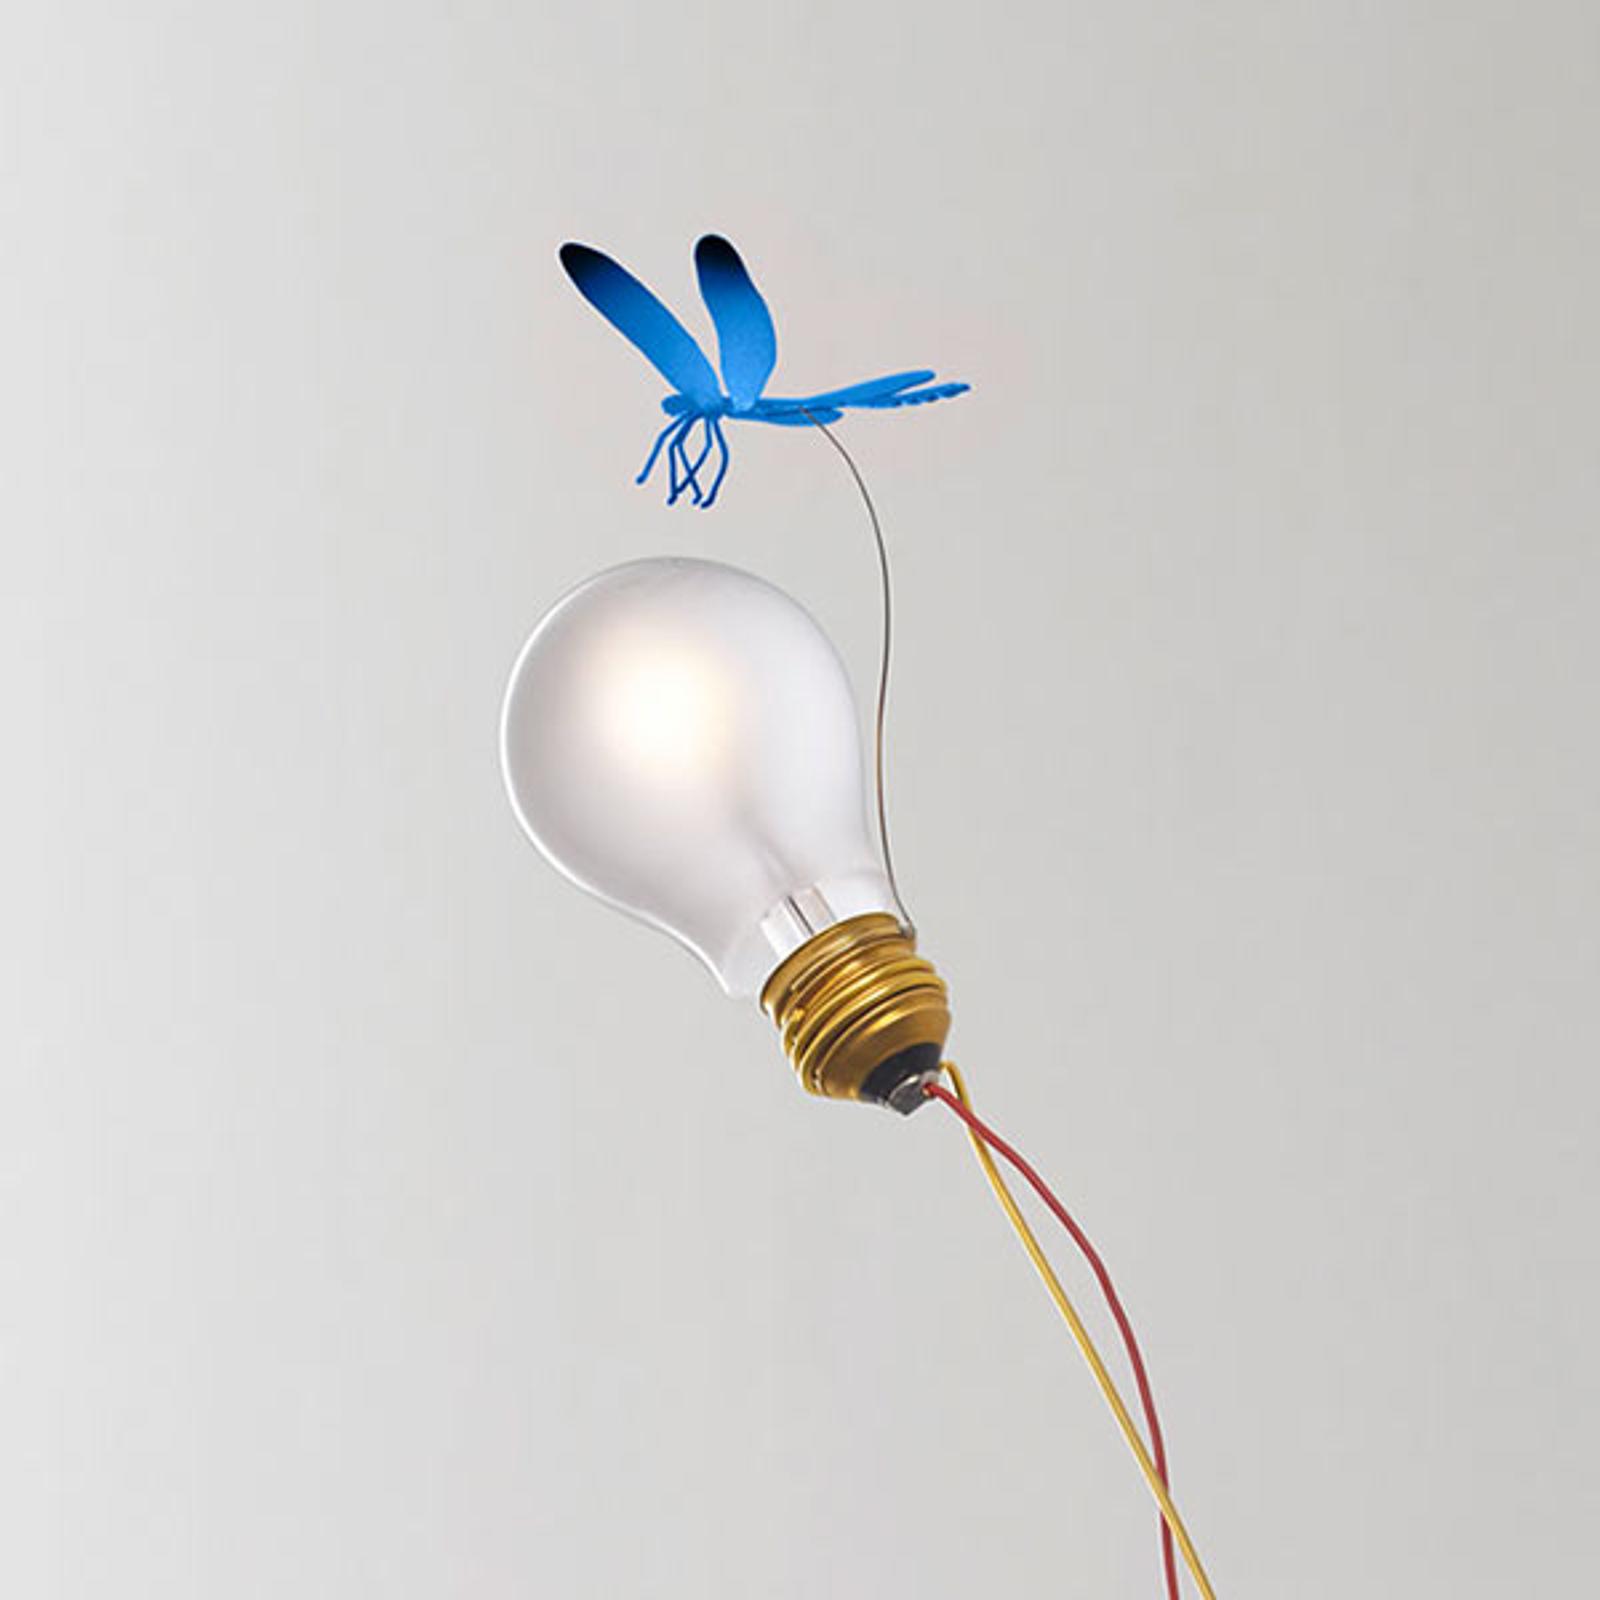 Tafellamp I Ricchi Poveri Bzzzz - blauwe libel